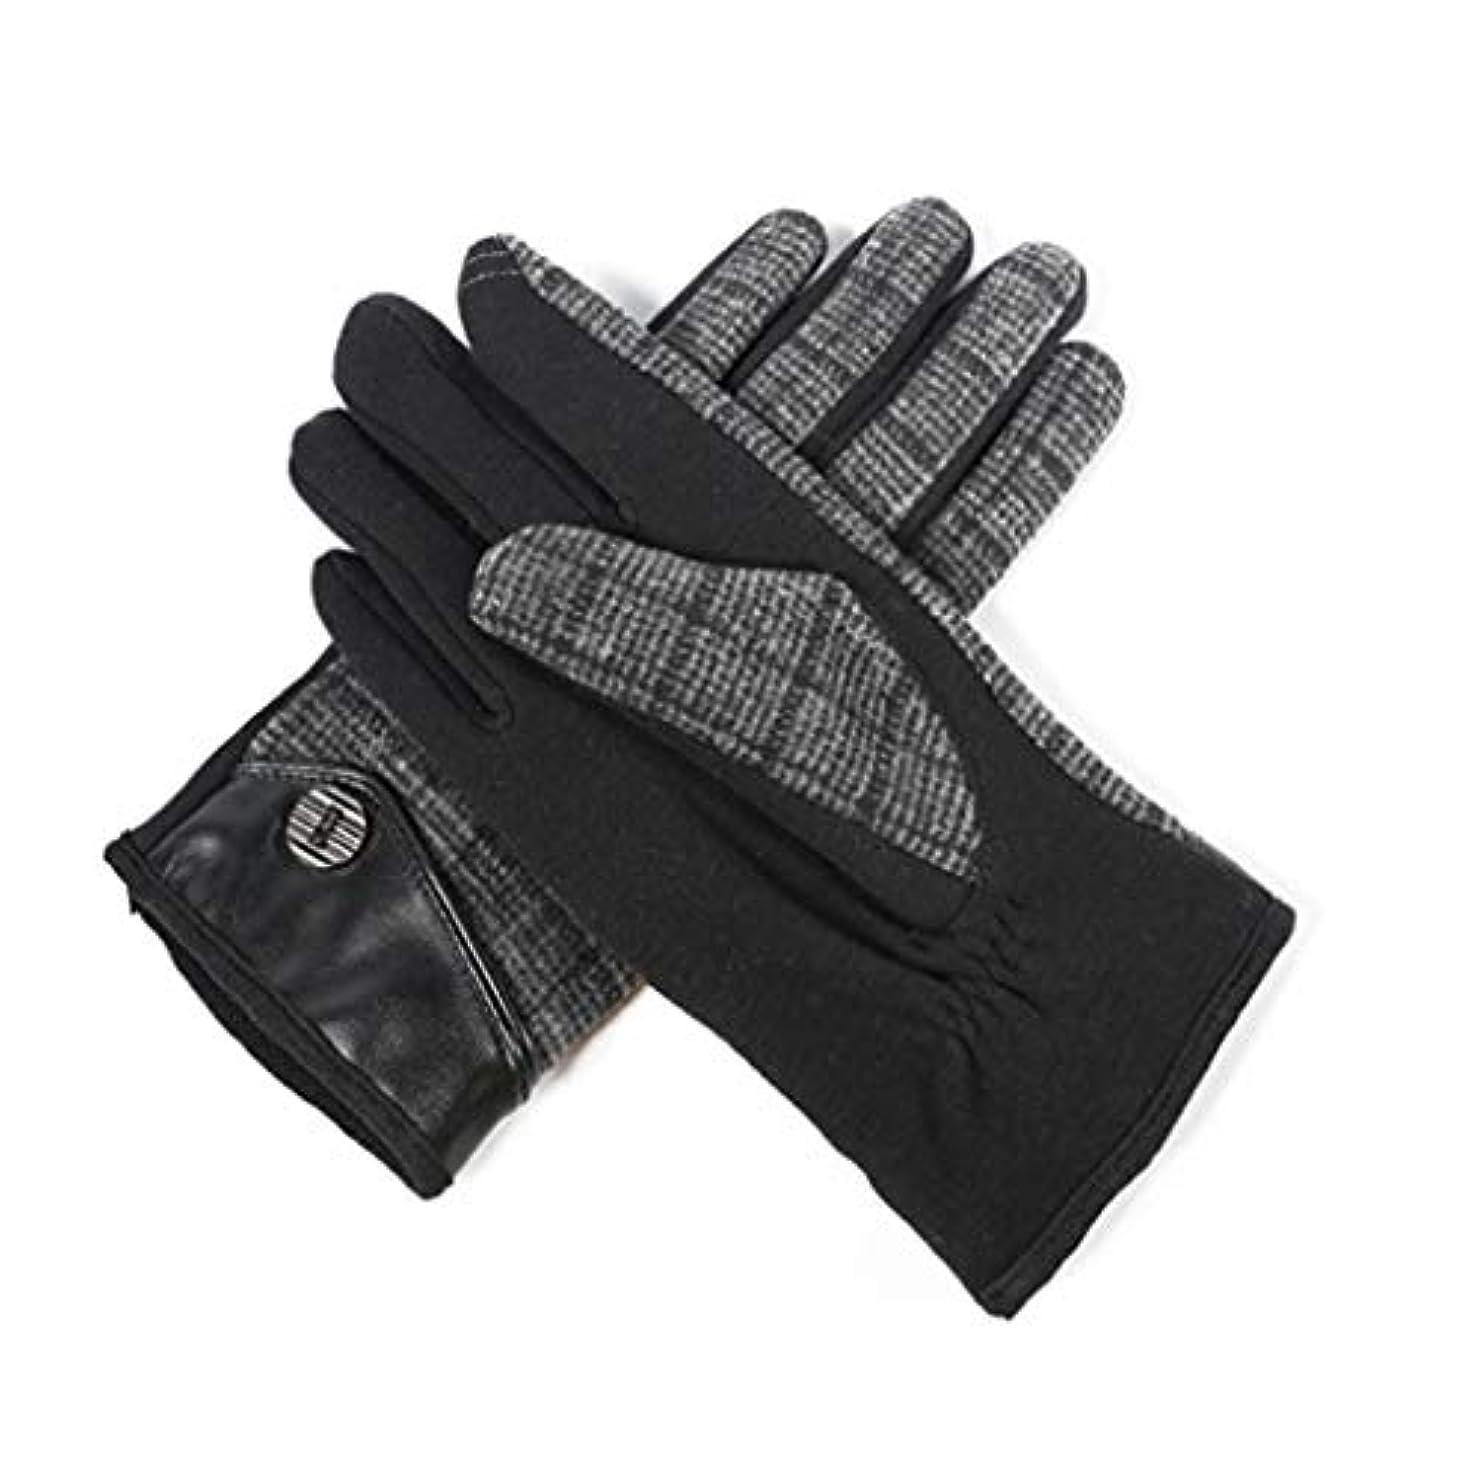 外交官盗賊覚醒暖かいメンズサイクリング用手袋を保つための男性用手袋プラスベルベットの秋冬用手袋